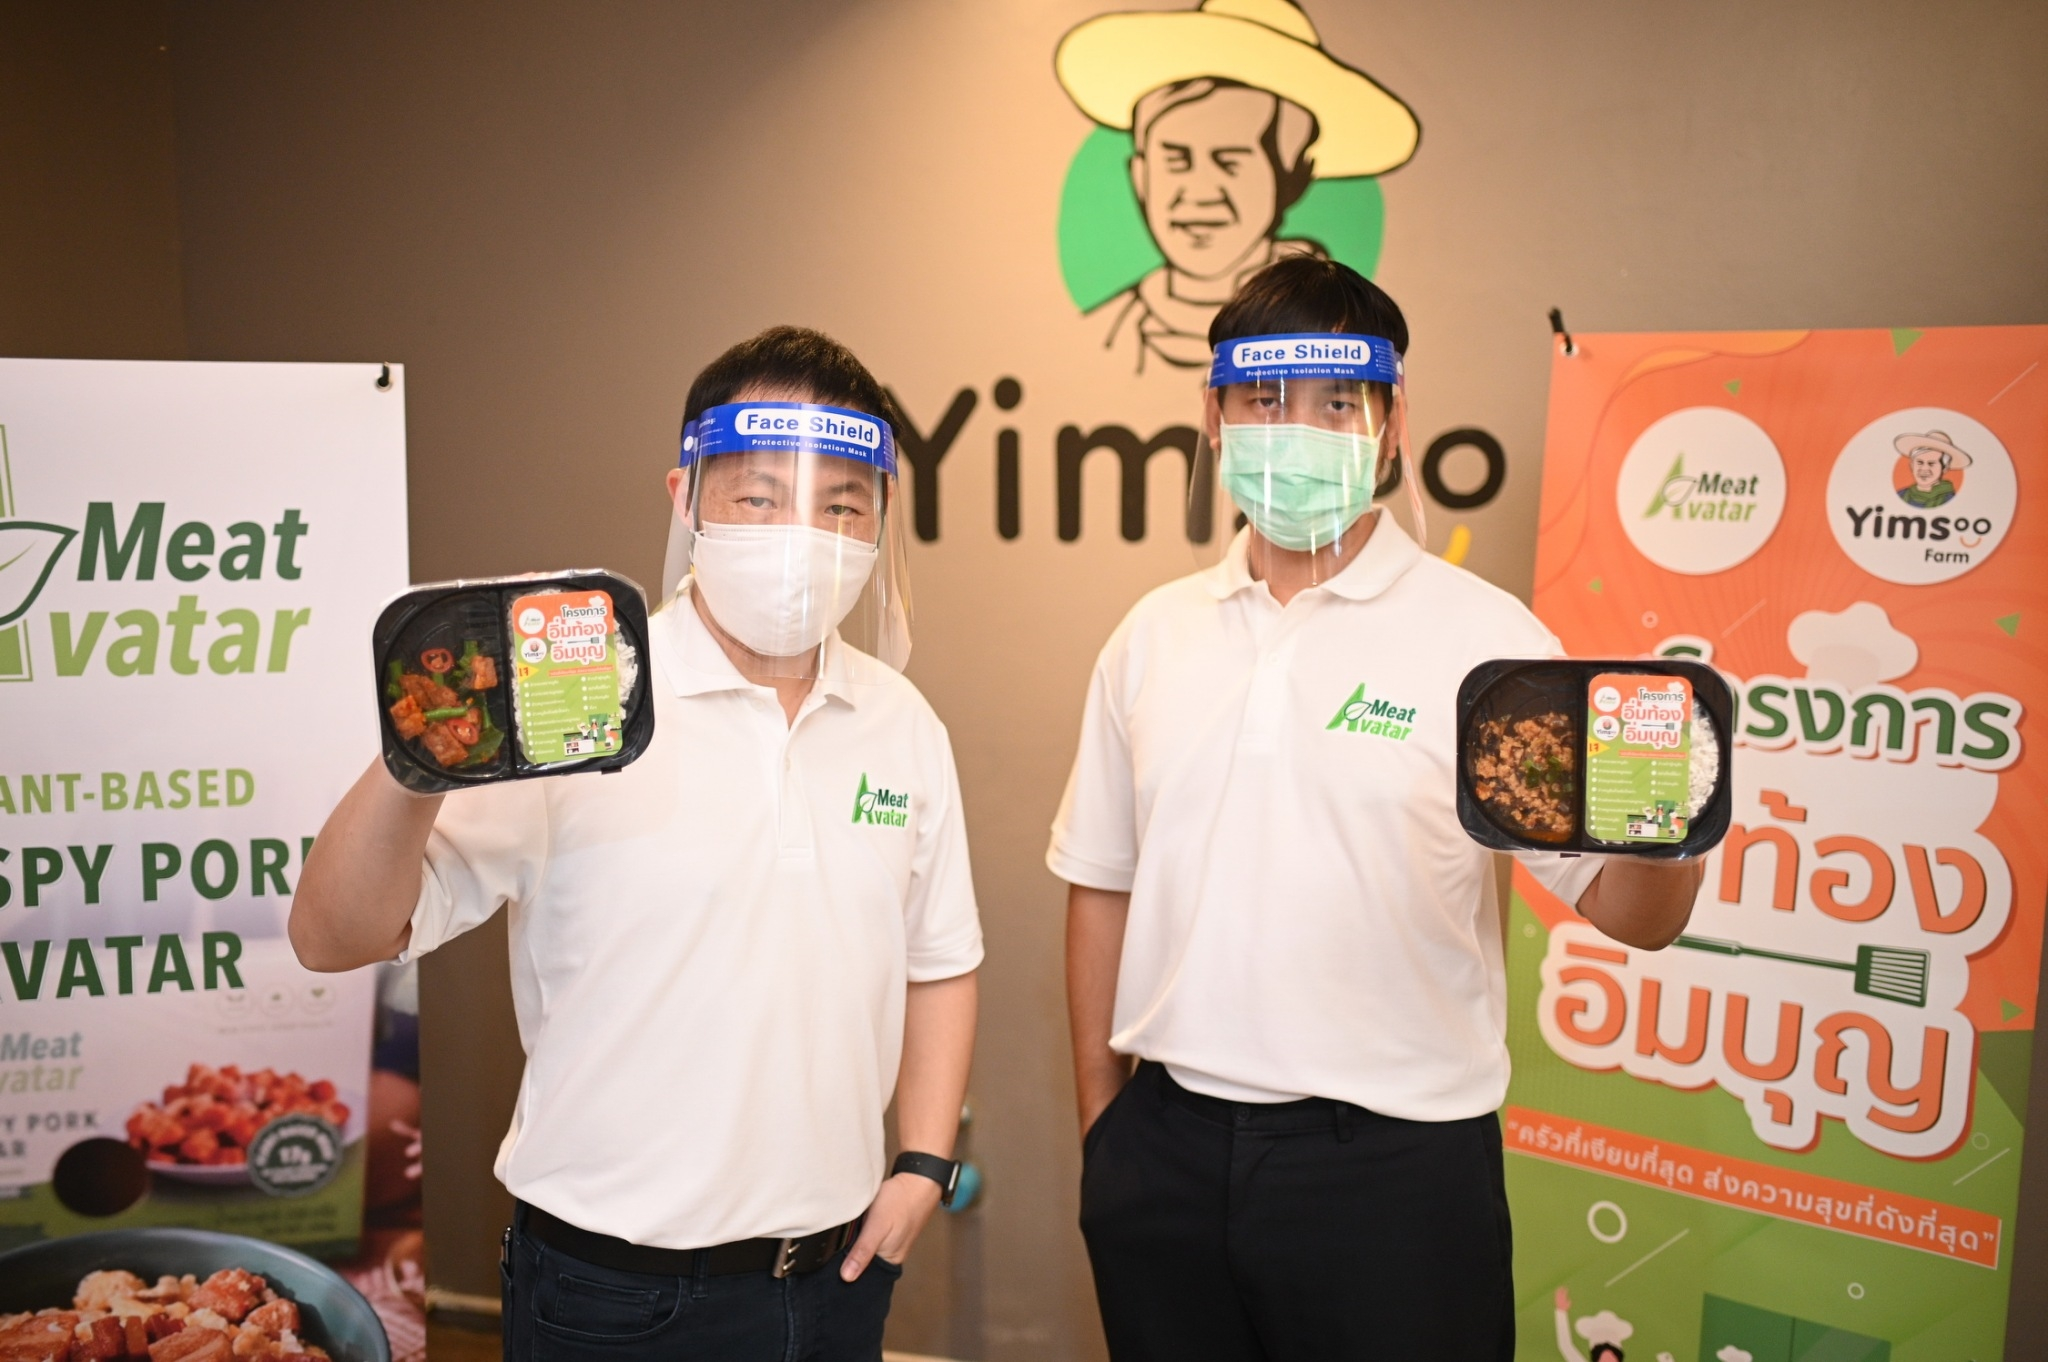 """Meat Avatar ร่วมกับ Yimsoo Cafe แห่งมูลนิธิสากลเพื่อคนพิการ  คว้าเชฟชื่อดังสอนผู้พิการทำอาหารเจในโครงการ """"อิ่มท้อง อิ่มบุญ""""  สนับสนุนการสร้างอาชีพและความเท่าเทียม ตอบโจทย์สายใจบุญและรักสุขภาพ"""